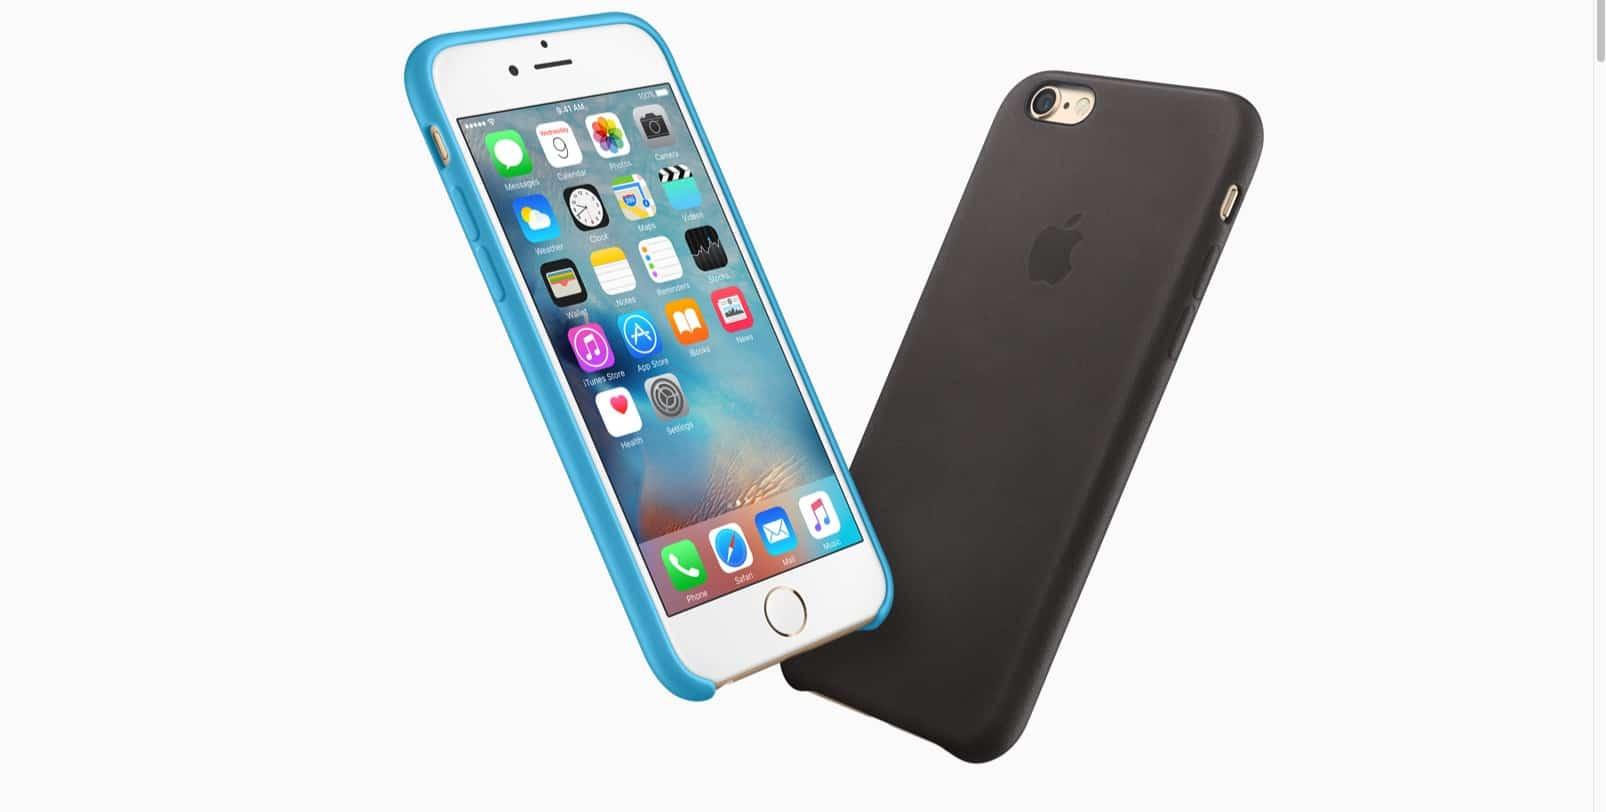 Apple u0e04u0e2du0e19u0e40u0e1fu0e34u0e23u0e4cu0e21u0e40u0e04u0e2a iPhone 6 ...